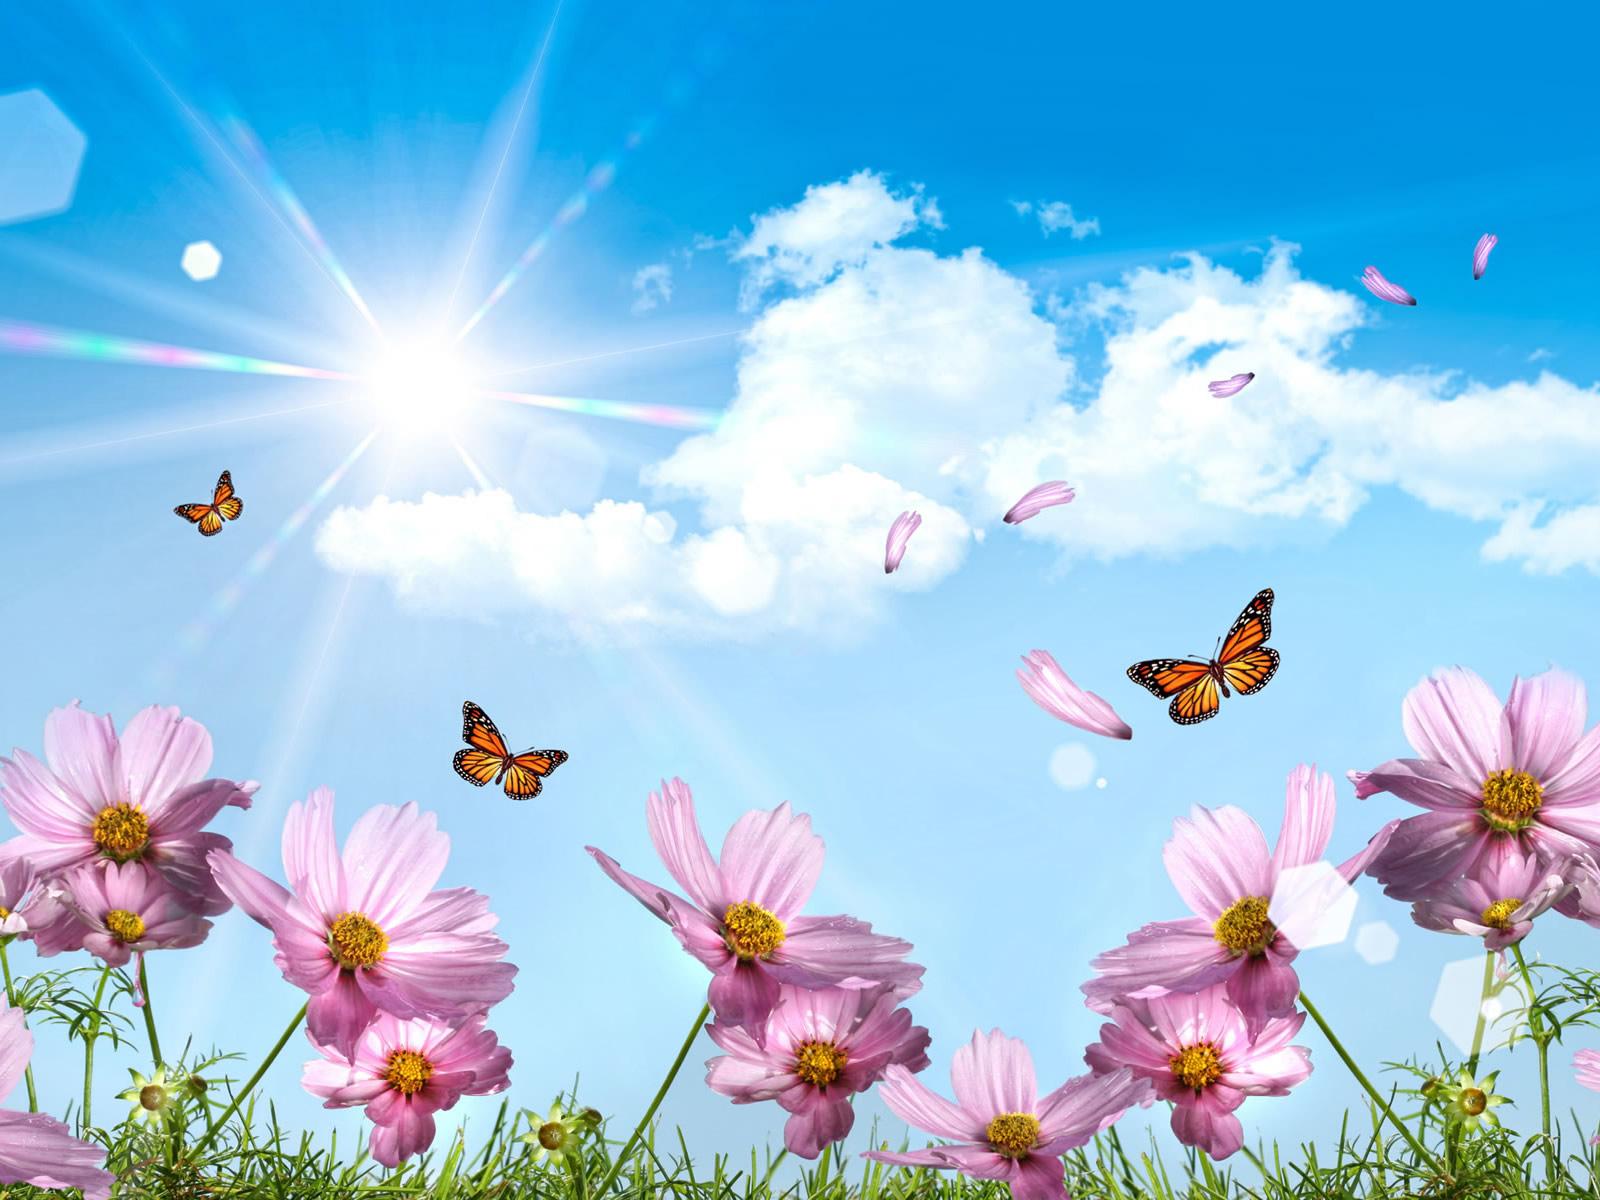 The Best Summer Desktop HD Wallpaper Nature Wallpapers 1600x1200